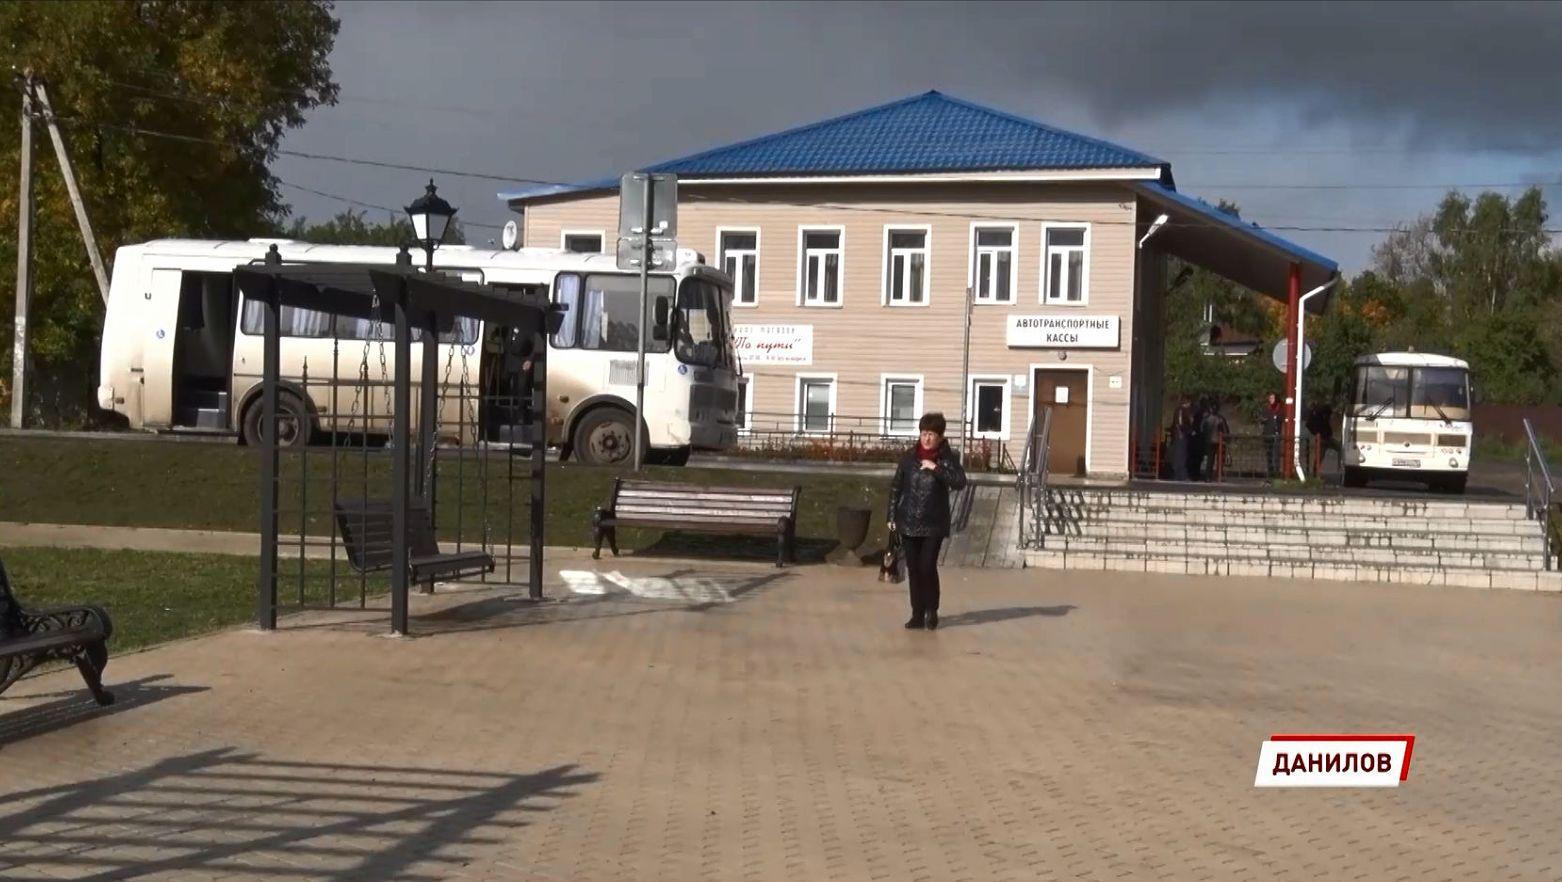 В Данилове Ярославской области благоустроили Привокзальную площадь